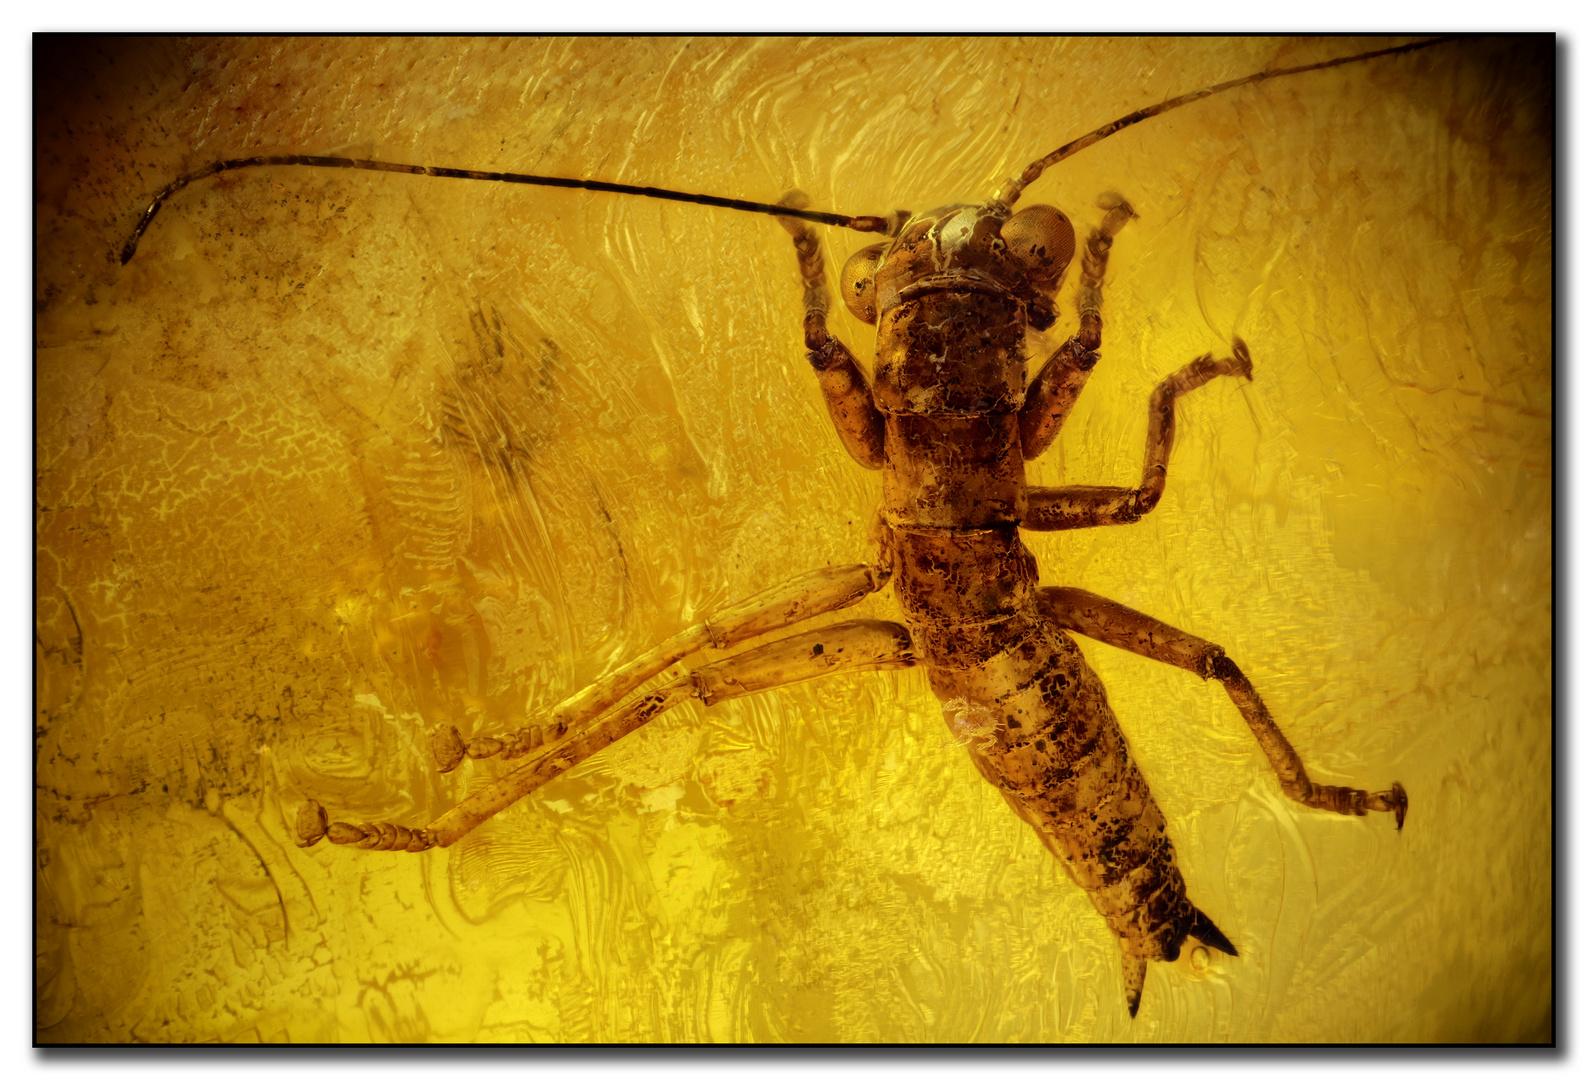 Gladiatorschrecken (Mantophasmatodea) im Bernstein